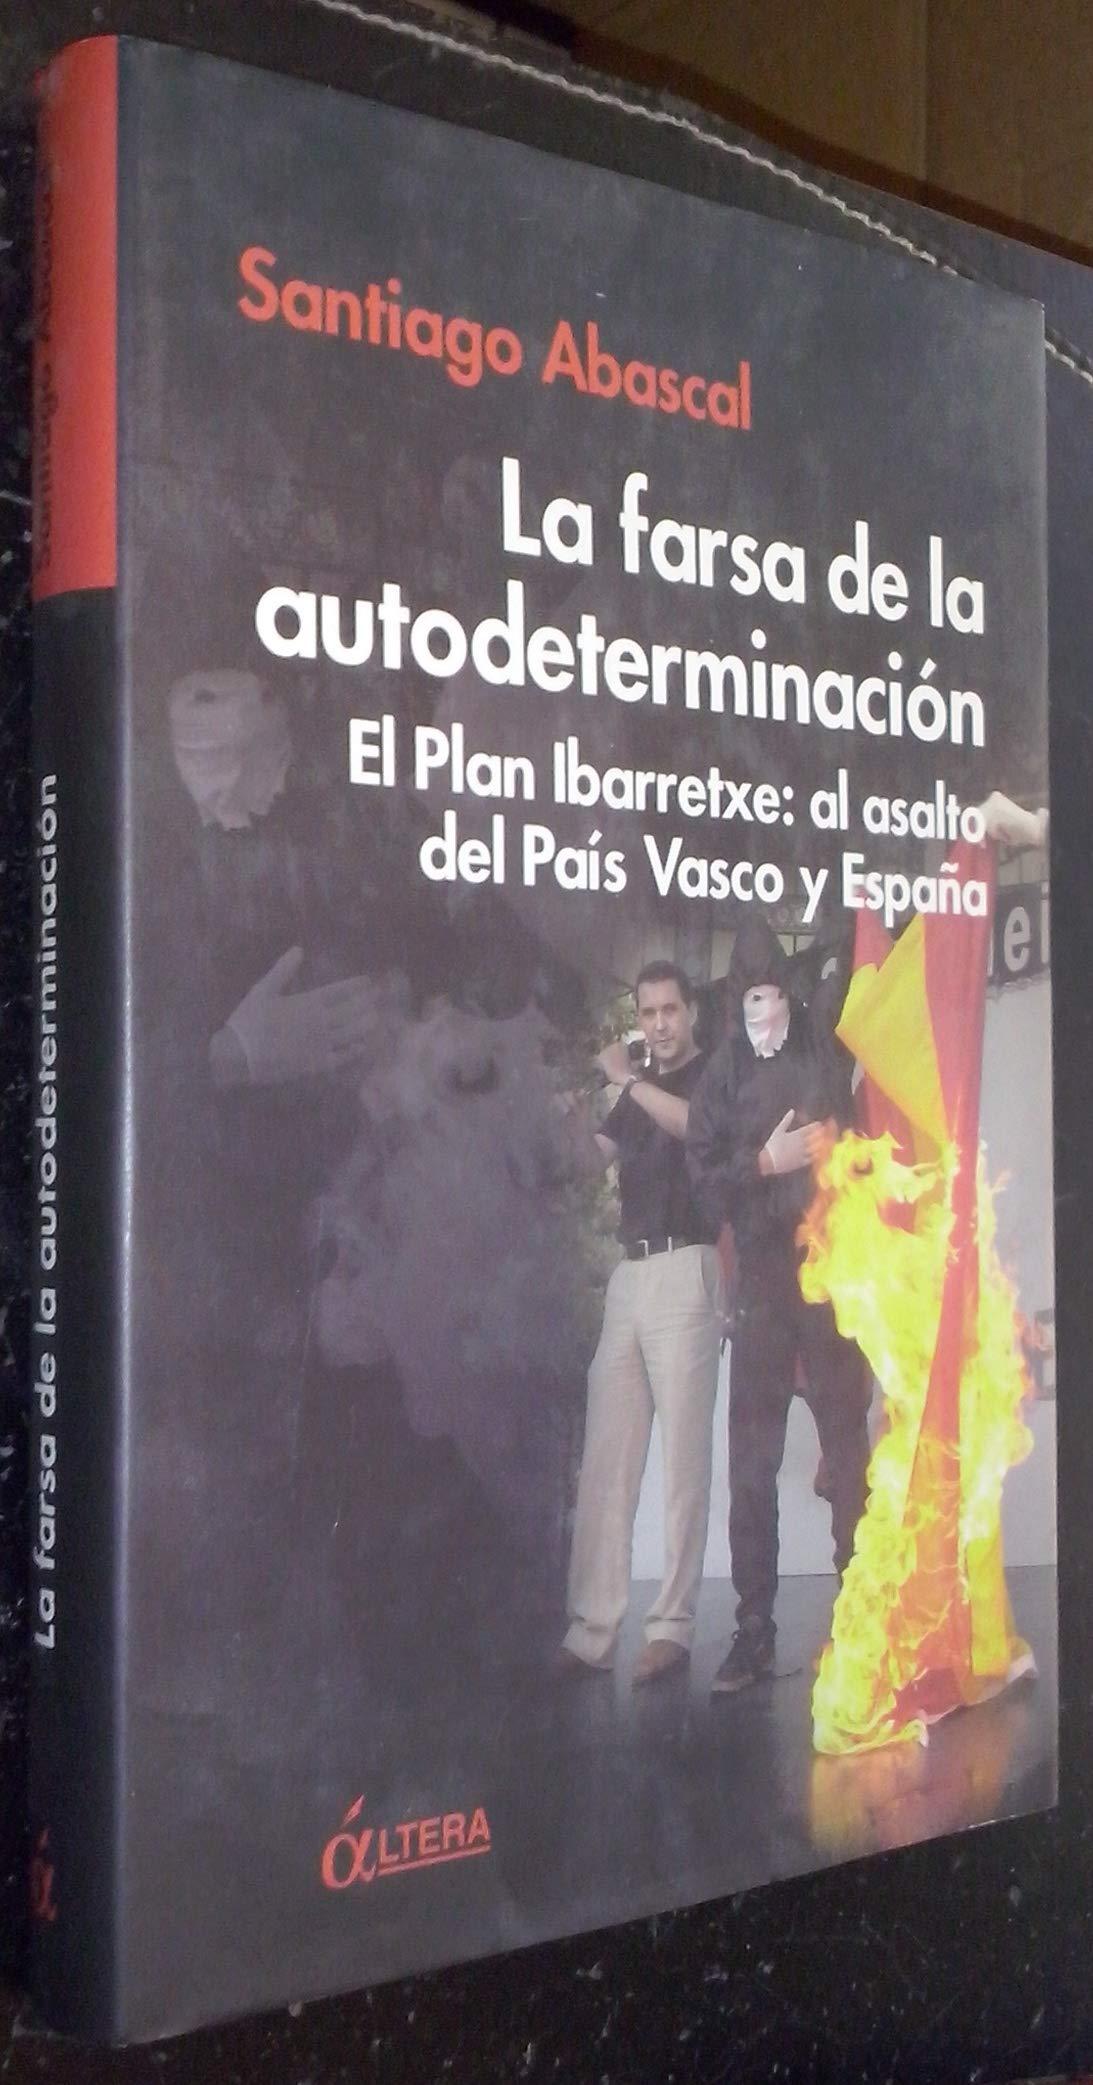 La Farsa de la Autodeterminación. El Plan Ibarretxe: al asalto del ...